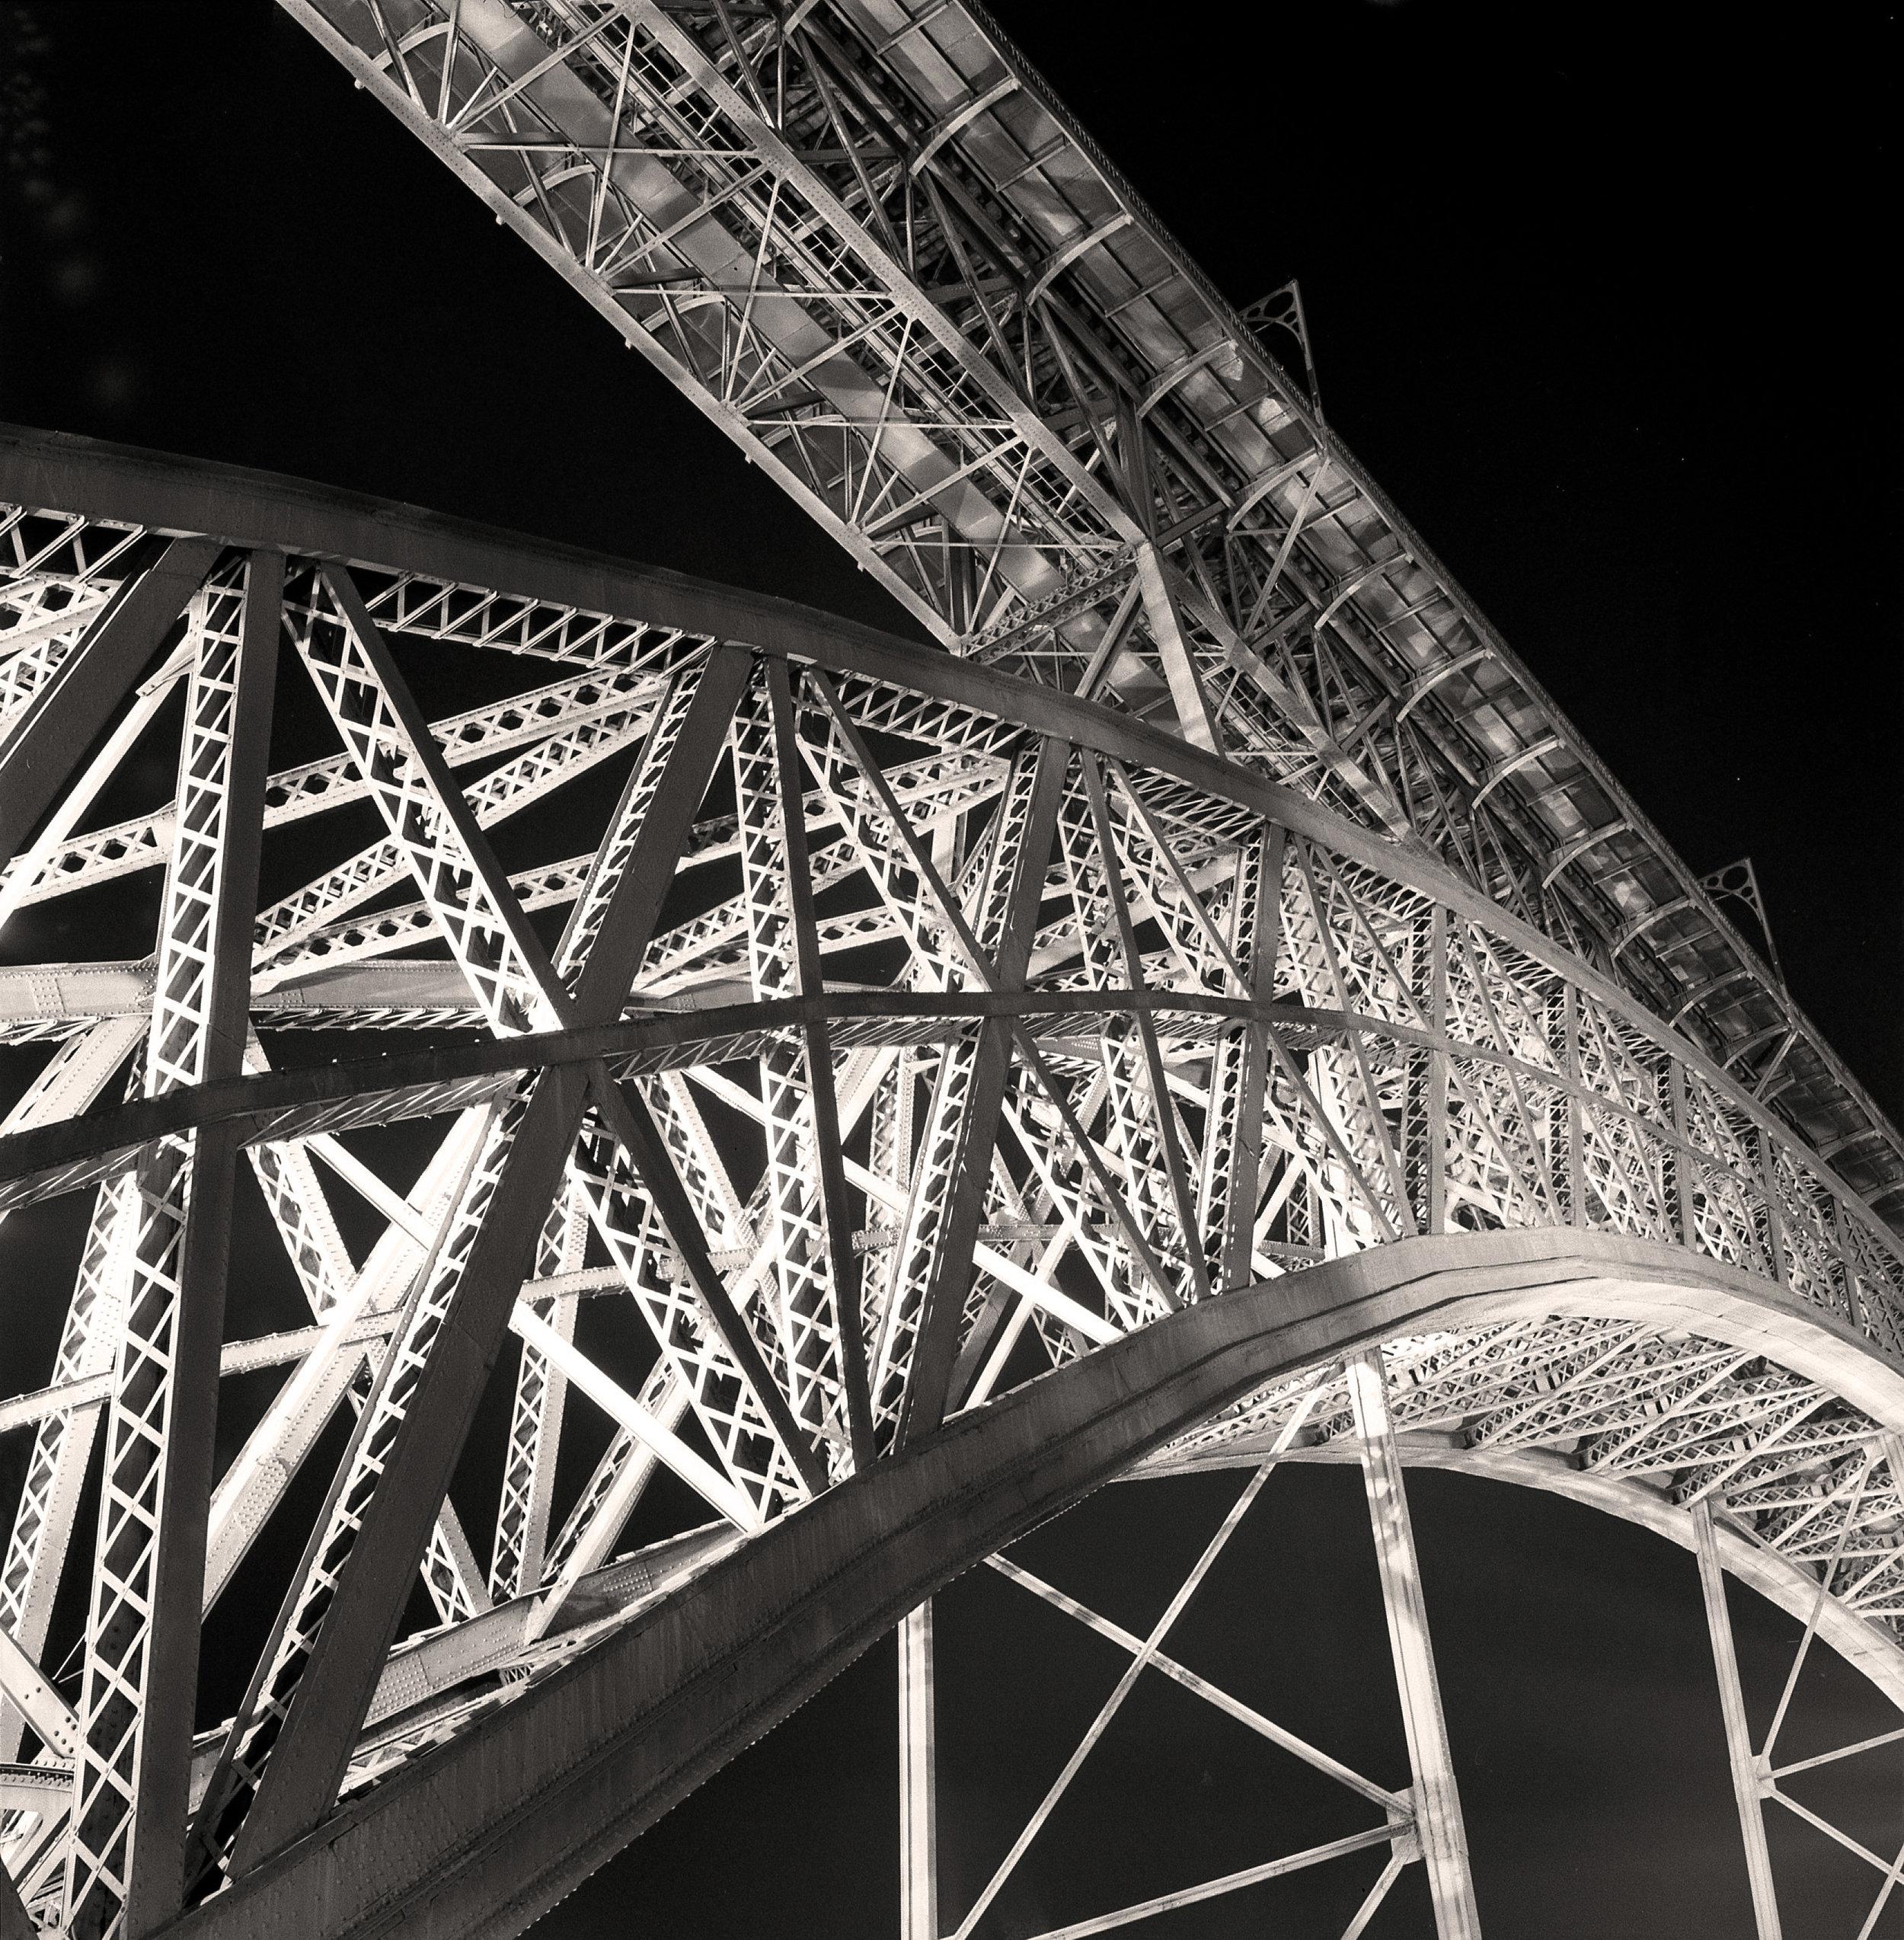 Dom Luís Bridge, Porto